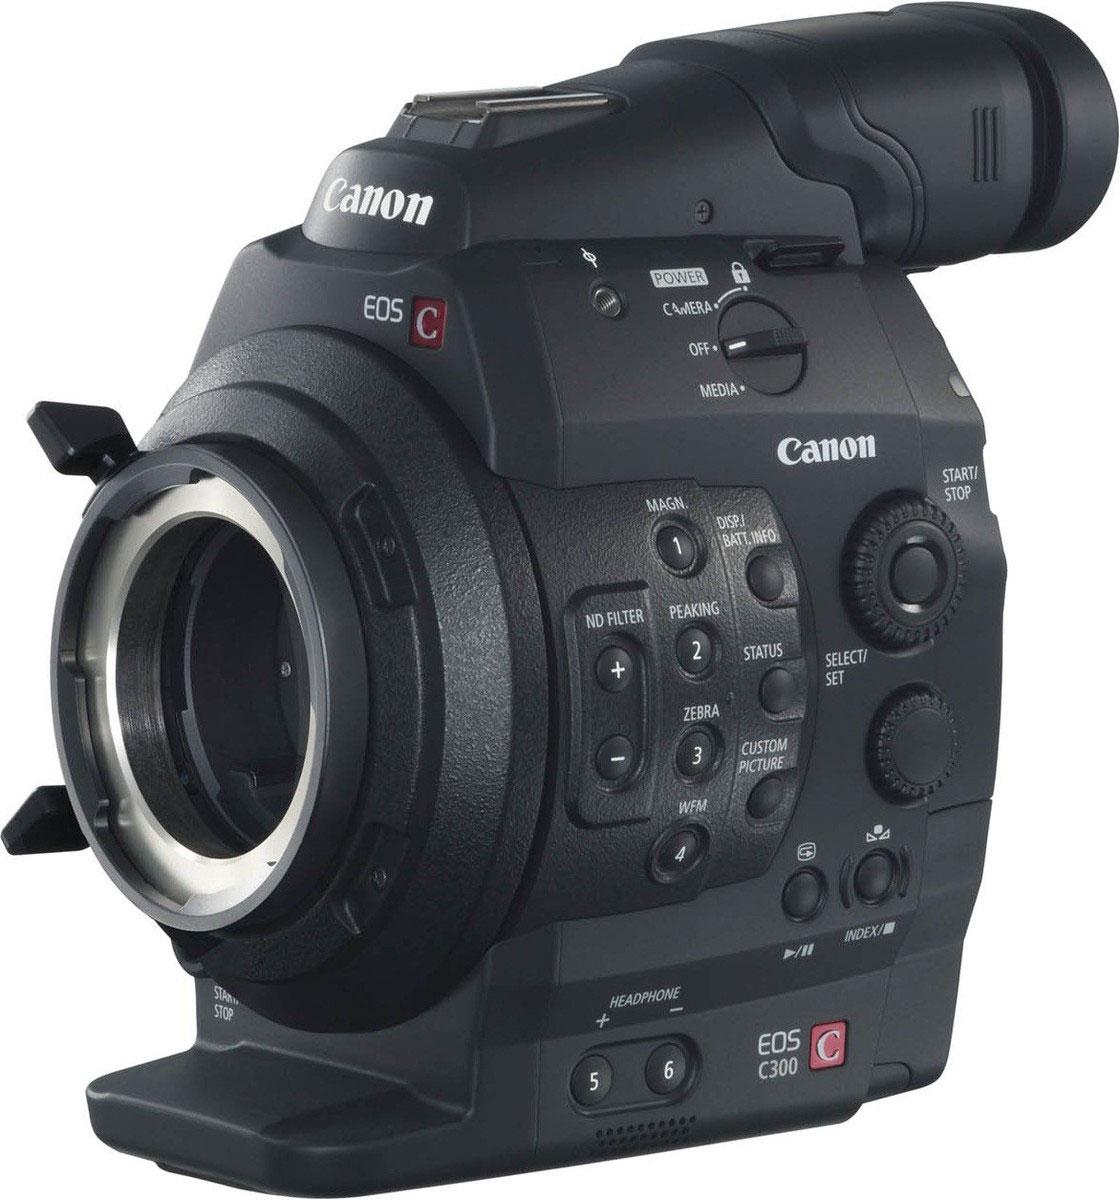 Canon EOS C300 PL цифровая кинокамераEOS-C300-PLПрофессиональная камера Canon EOS C300 PL сочетает в себе надежную технологию видеосъемки и богатейший опыт в создании и использовании объективов с творческим подходом Canon. Сменные объективы дают ни с чем не сравнимую свободу для того, чтобы рассказать любую историю.Матрица CMOS Super 35-мм 8,3 МП, разработанная и произведенная компанией Canon специально для видеосъемки, позволяет осуществлять 3-цветную RGB обработку для записи в формате Full HD. Технология матрицы Canon позволяет создавать изображения в высоком разрешении, с низким уровнем шумов, с уменьшенной вероятностью возникновения дефекта запаздывания изображения (rolling shatter) и низким энергопотреблением. Она также дает обычные преимуществами большой матрицы, к которым относится красивая съемка с малой глубиной резкости.PL-крепление камеры EOS C300 отвечает стандартам, принятым в отрасли. Оно совместимо с множеством взаимозаменяемых объективов, уже используемых в профессиональном кинопроизводстве, а также с собственными объективами Canon. Три электронных встроенных ND-фильтра позволяют сделать съемку более разнообразной.Камера EOS C300 PL исключительно компактная, базовые компоненты для съемки весят всего 1869 г (без объектива). Возможность отсоединения ручки, рукоятки и поворотной панели управления обеспечивает максимальную маневренность. Ряд деталей корпуса с защитой от брызг выполнены из сплава магния для дополнительной прочности и надежности.Запись готовых для передачи материалов в виде файлов MPEG-2 MXF со скоростью 50 Мбит/с (4:2:2) на две карты памяти CF с возможностью использования функций эстафетной записи или одновременной записи на обе карты. Промышленные стандарты выхода включают HD-SDI, а также временной код, разъемы синхронизации Genlock и Synch для съемки на несколько камер одновременно.Широкие возможности индивидуальной настройки изображения включают встроенную функцию логарифмической кривой гамма Canon Log, позволяющую получать изображения